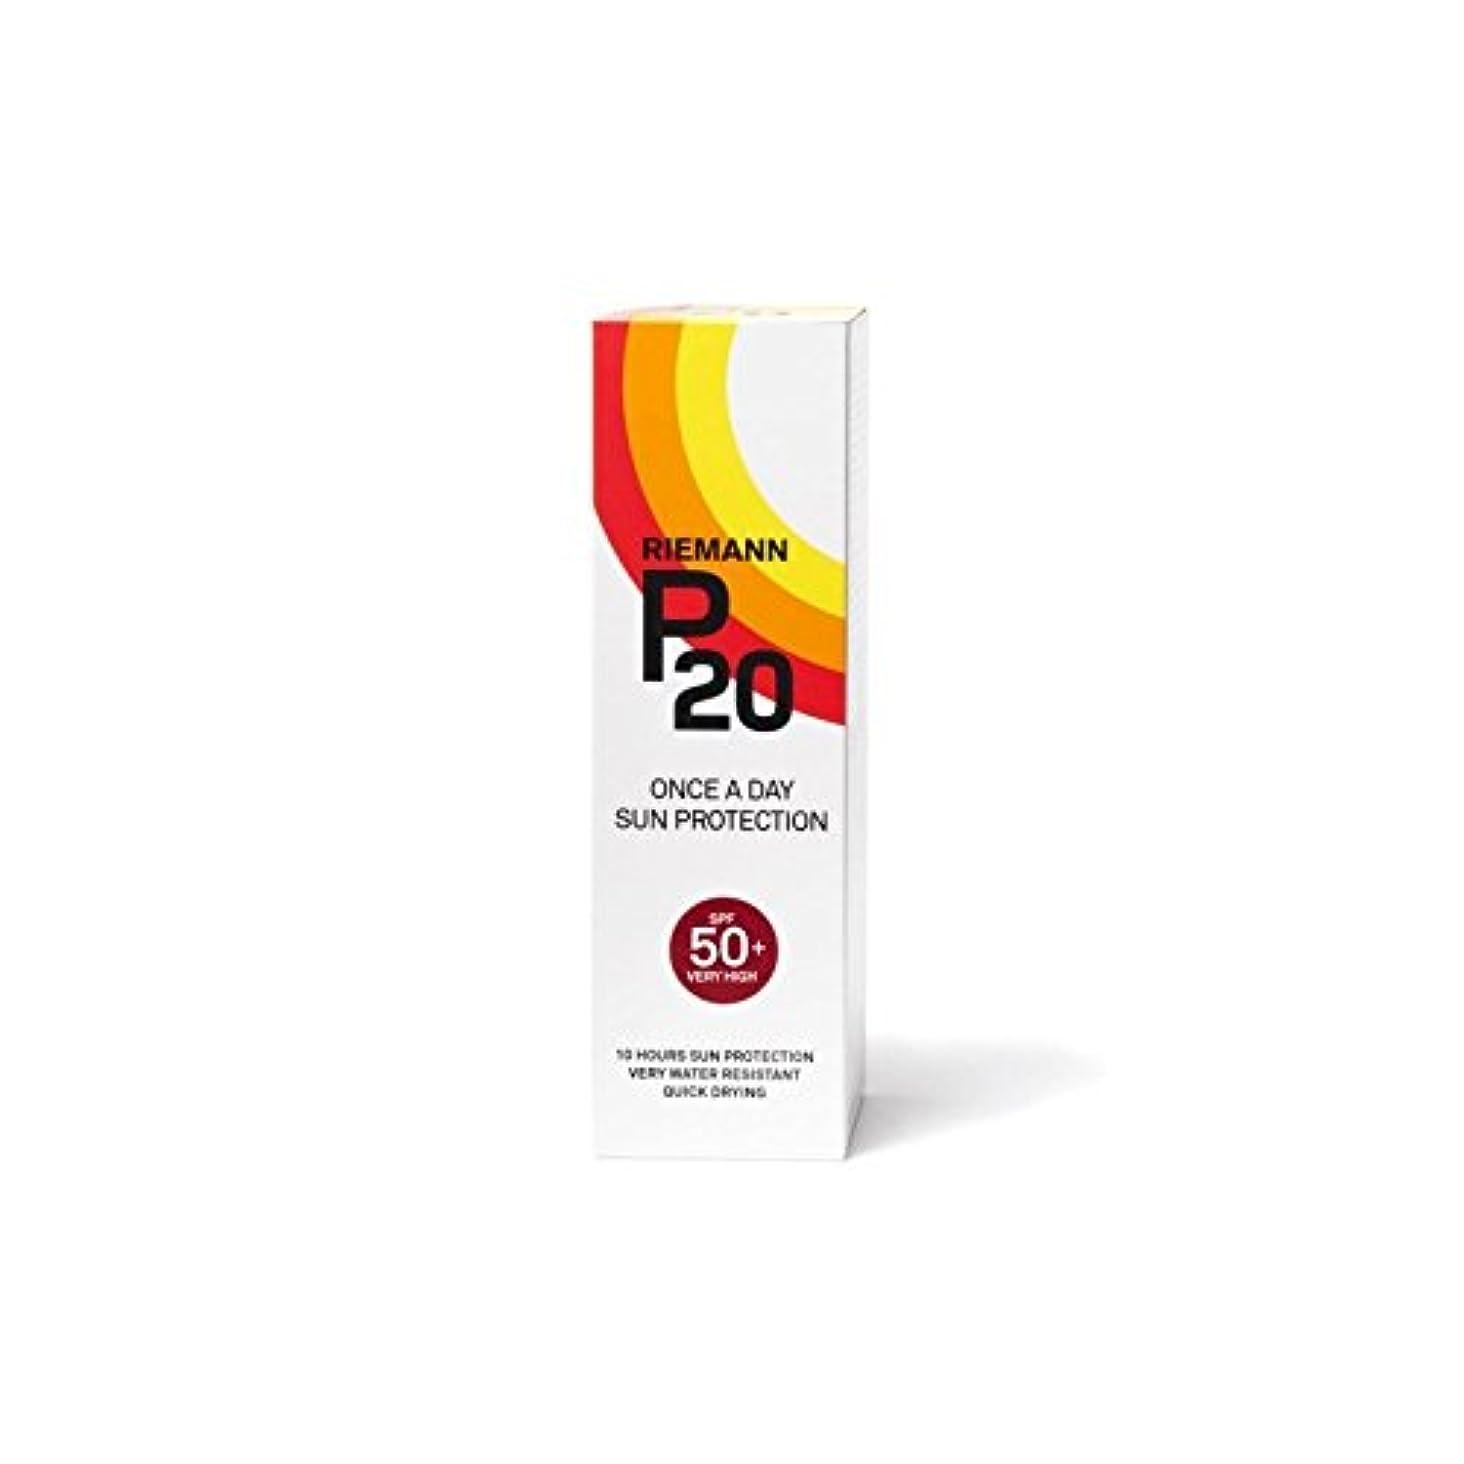 不合格心理的にクラッシュリーマン20太陽フィルター100ミリリットルの50 + x4 - Riemann P20 Sun Filter 100ml SPF50+ (Pack of 4) [並行輸入品]